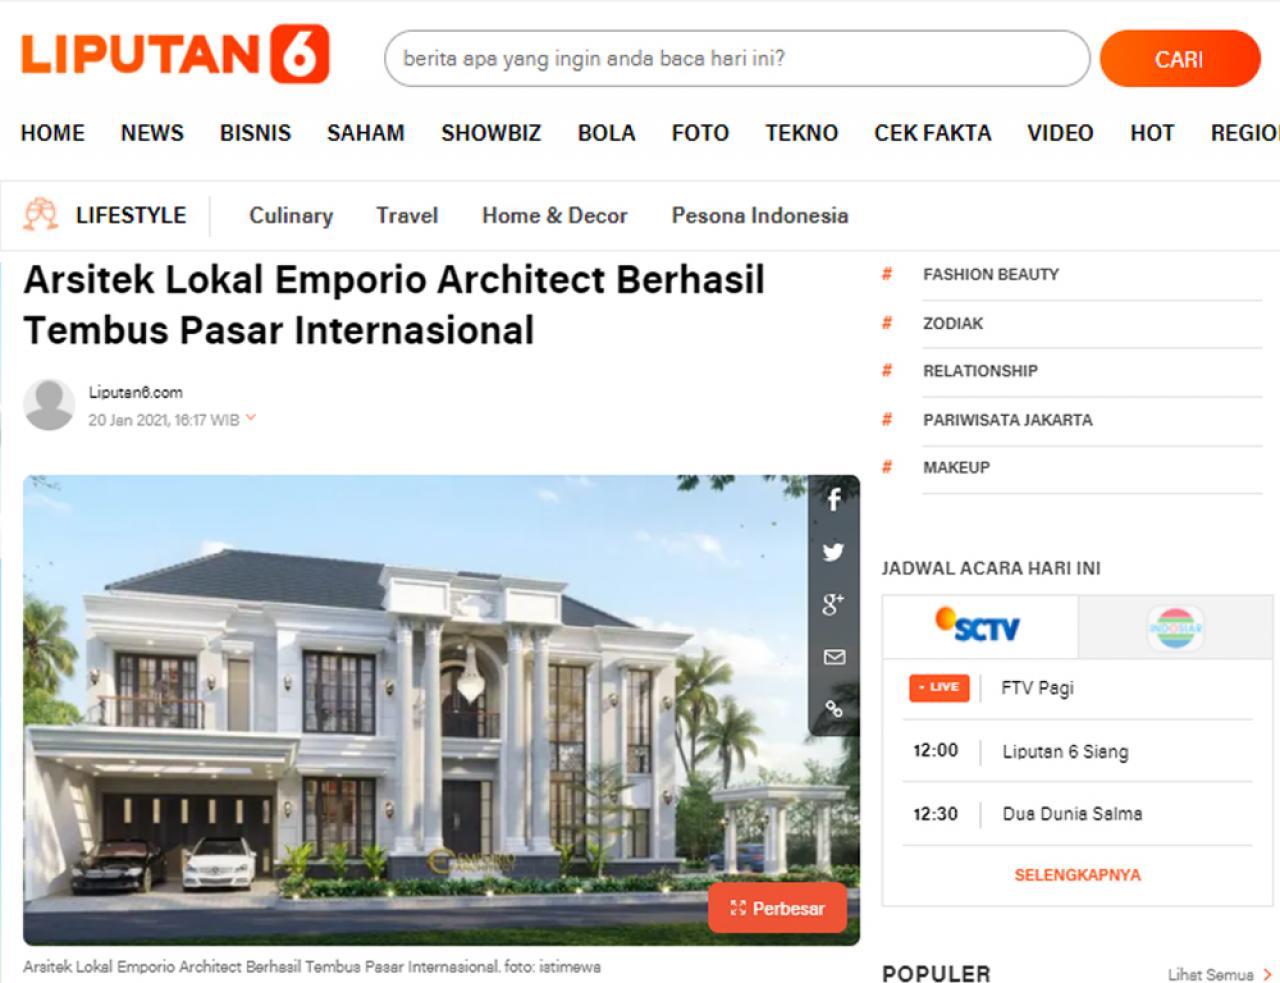 Ulasan Media LIPUTAN6.com - Arsitek Lokal Emporio Architect Berhasil Tembus Pasar Internasional